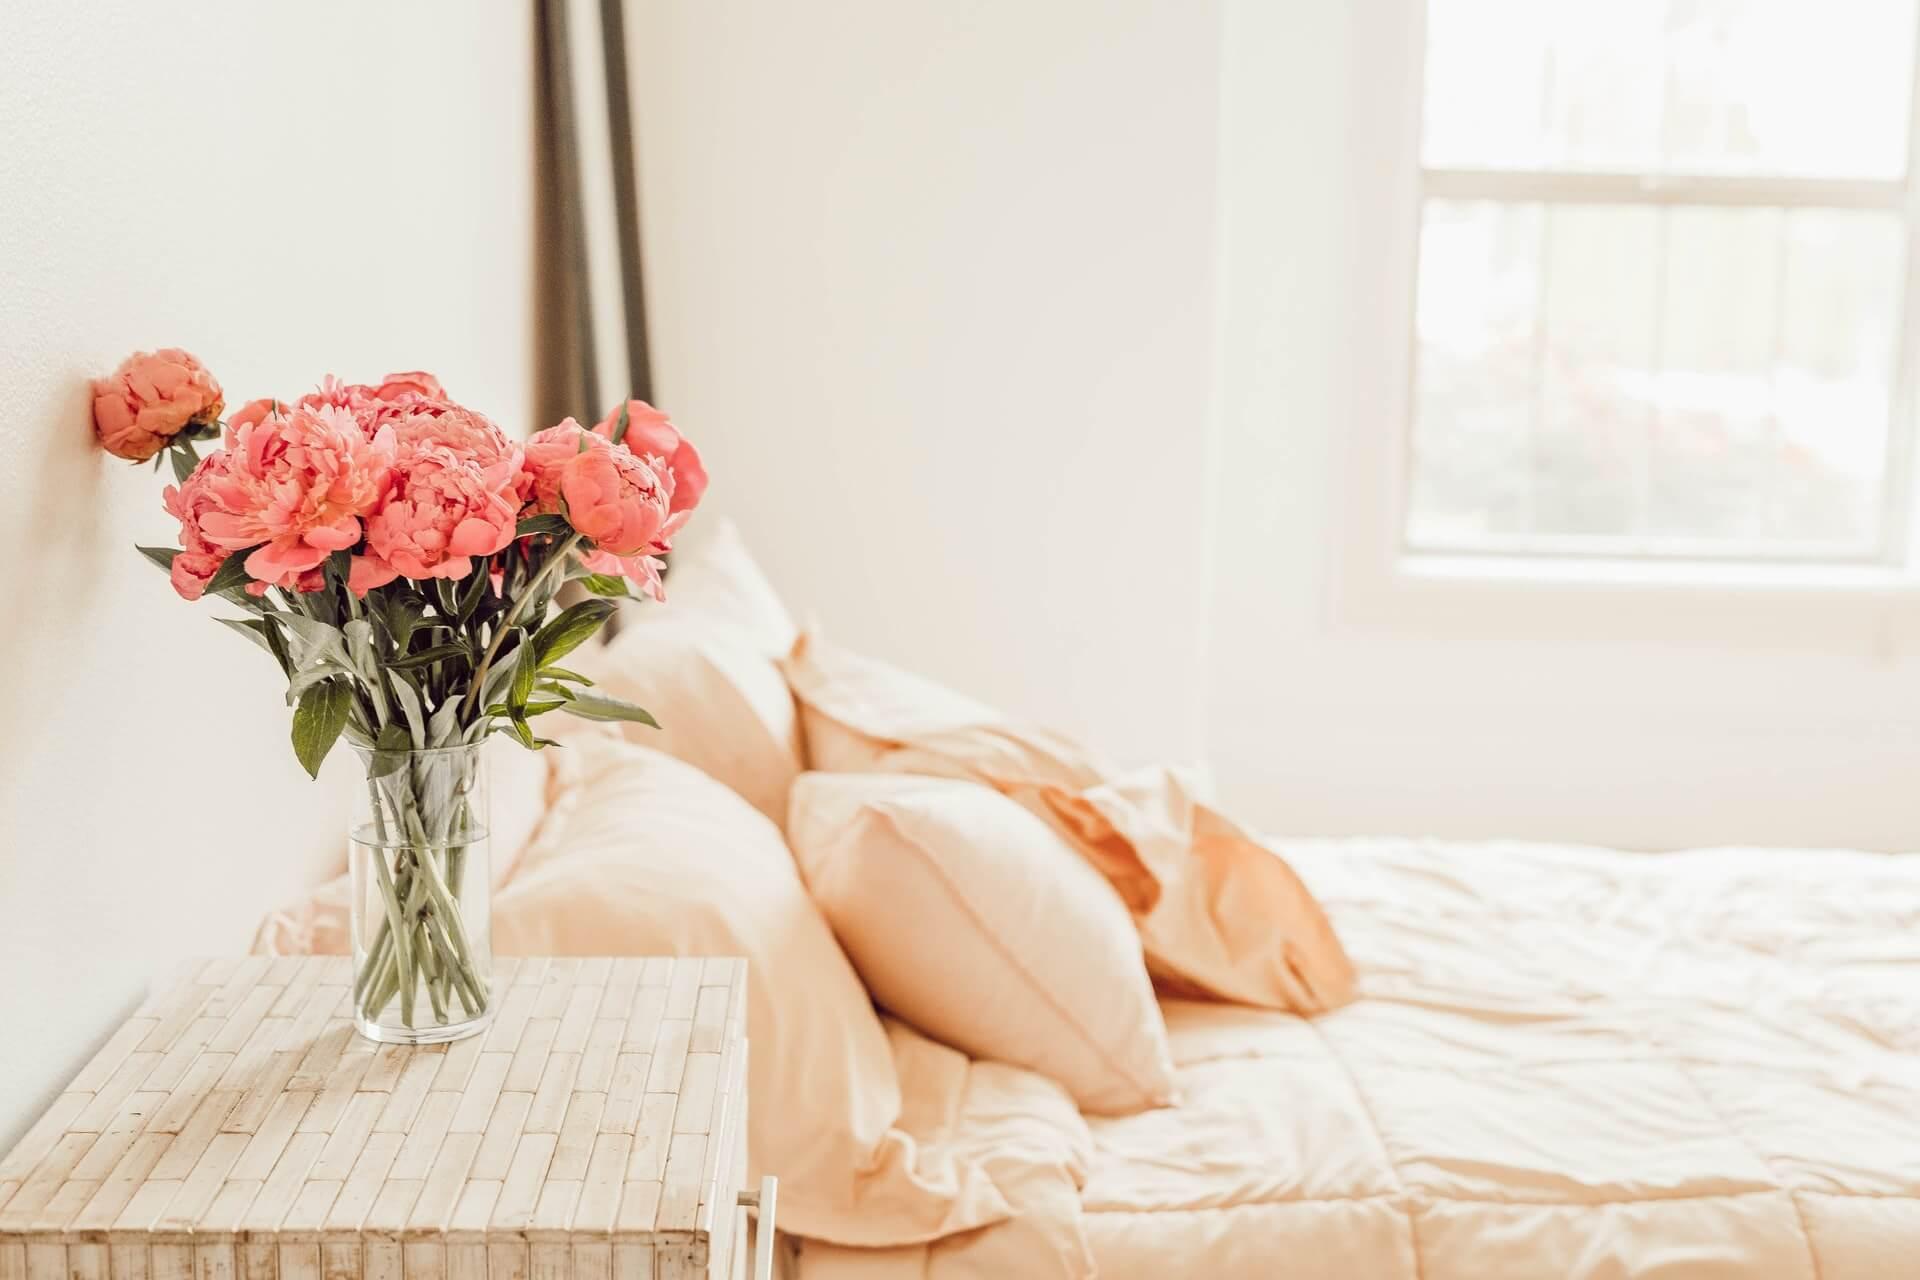 Właściwa higiena w łóżku